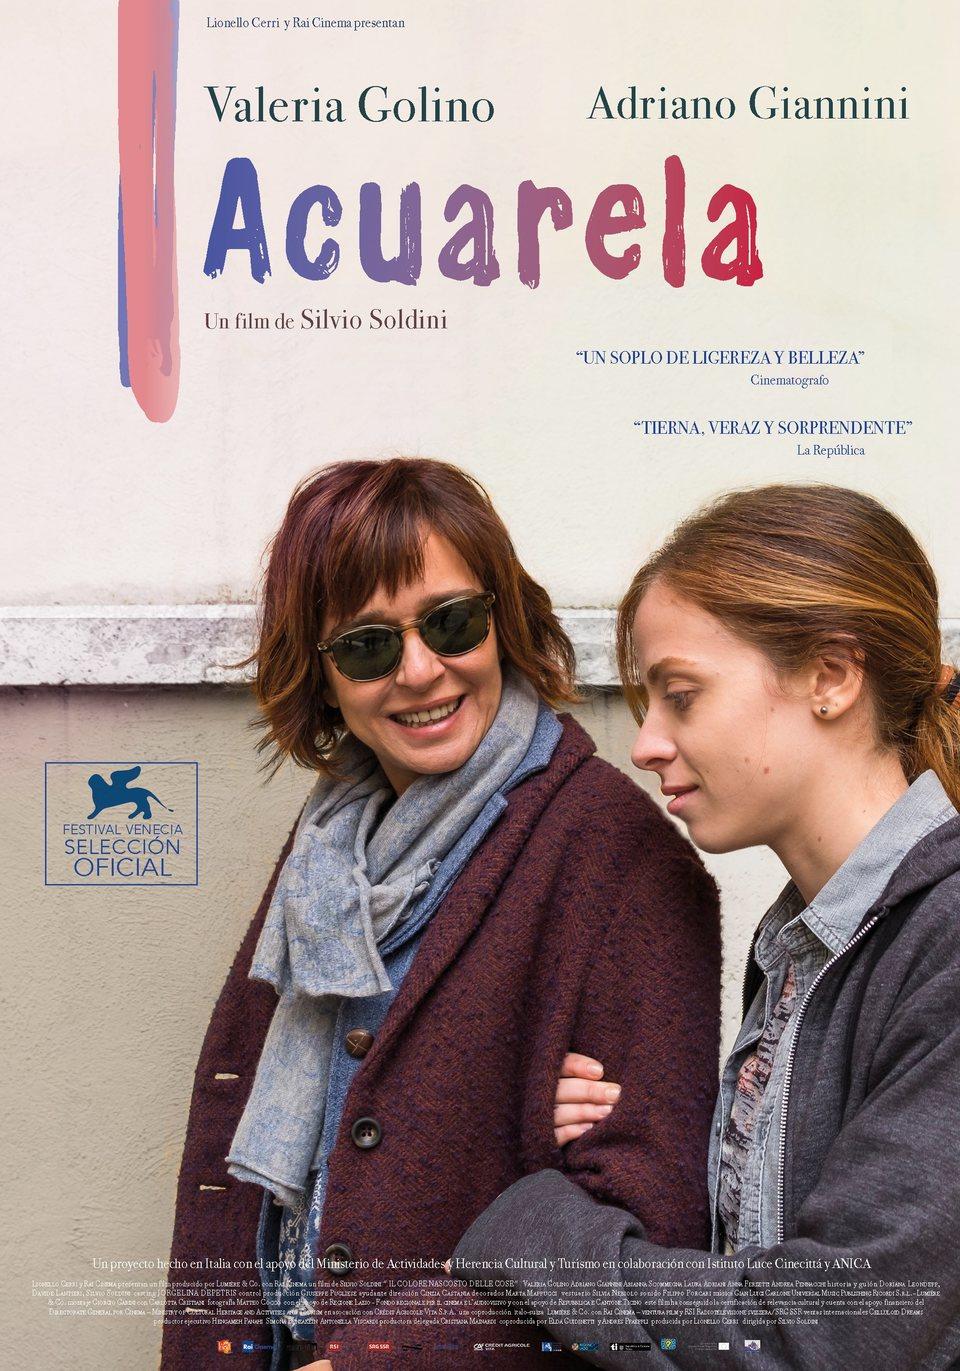 Cartel Acuarela de 'Acuarela'